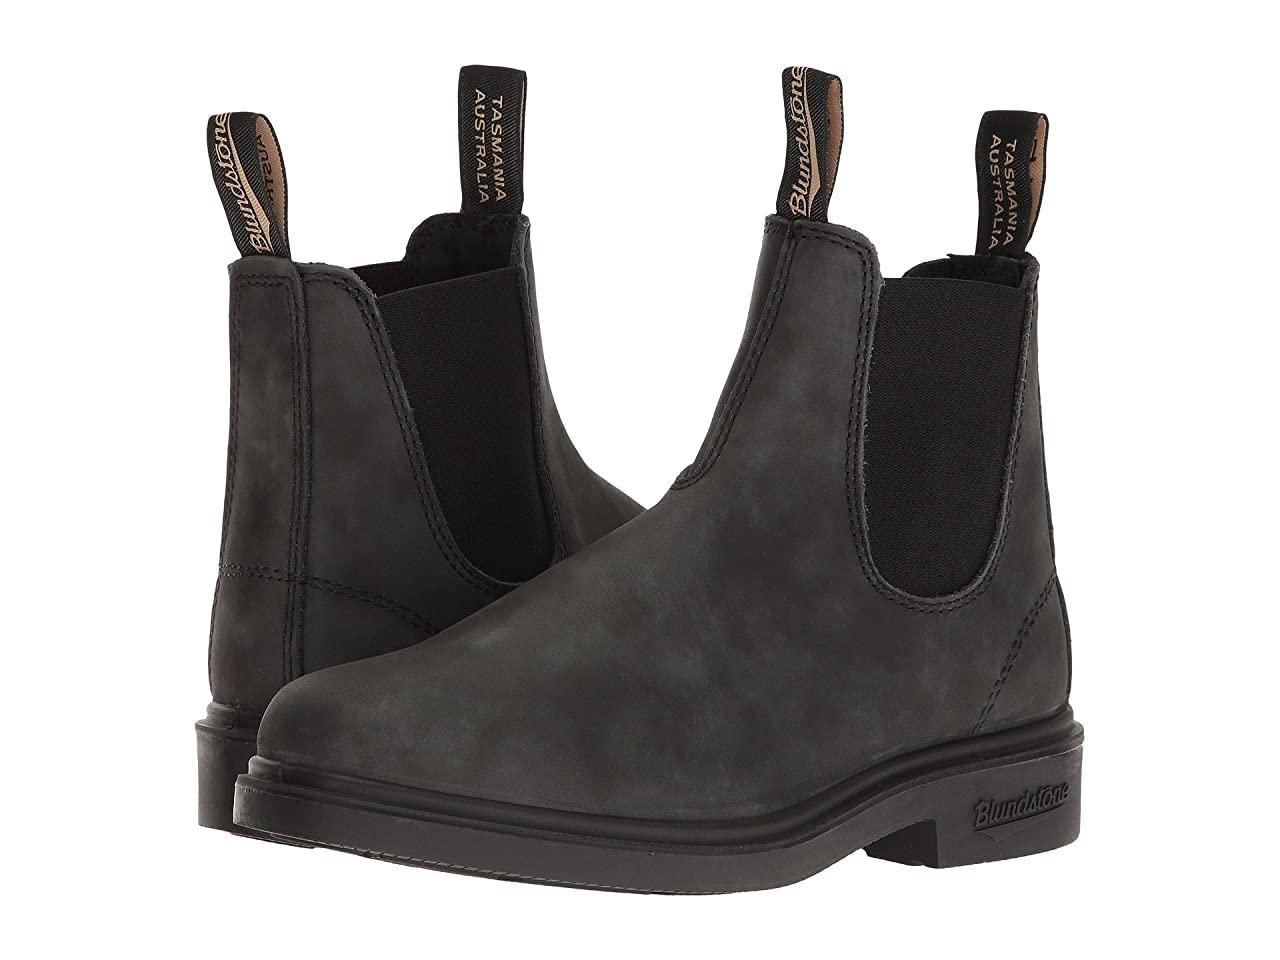 Ботинки/Сапоги (Оригинал) Blundstone BL1308 Black